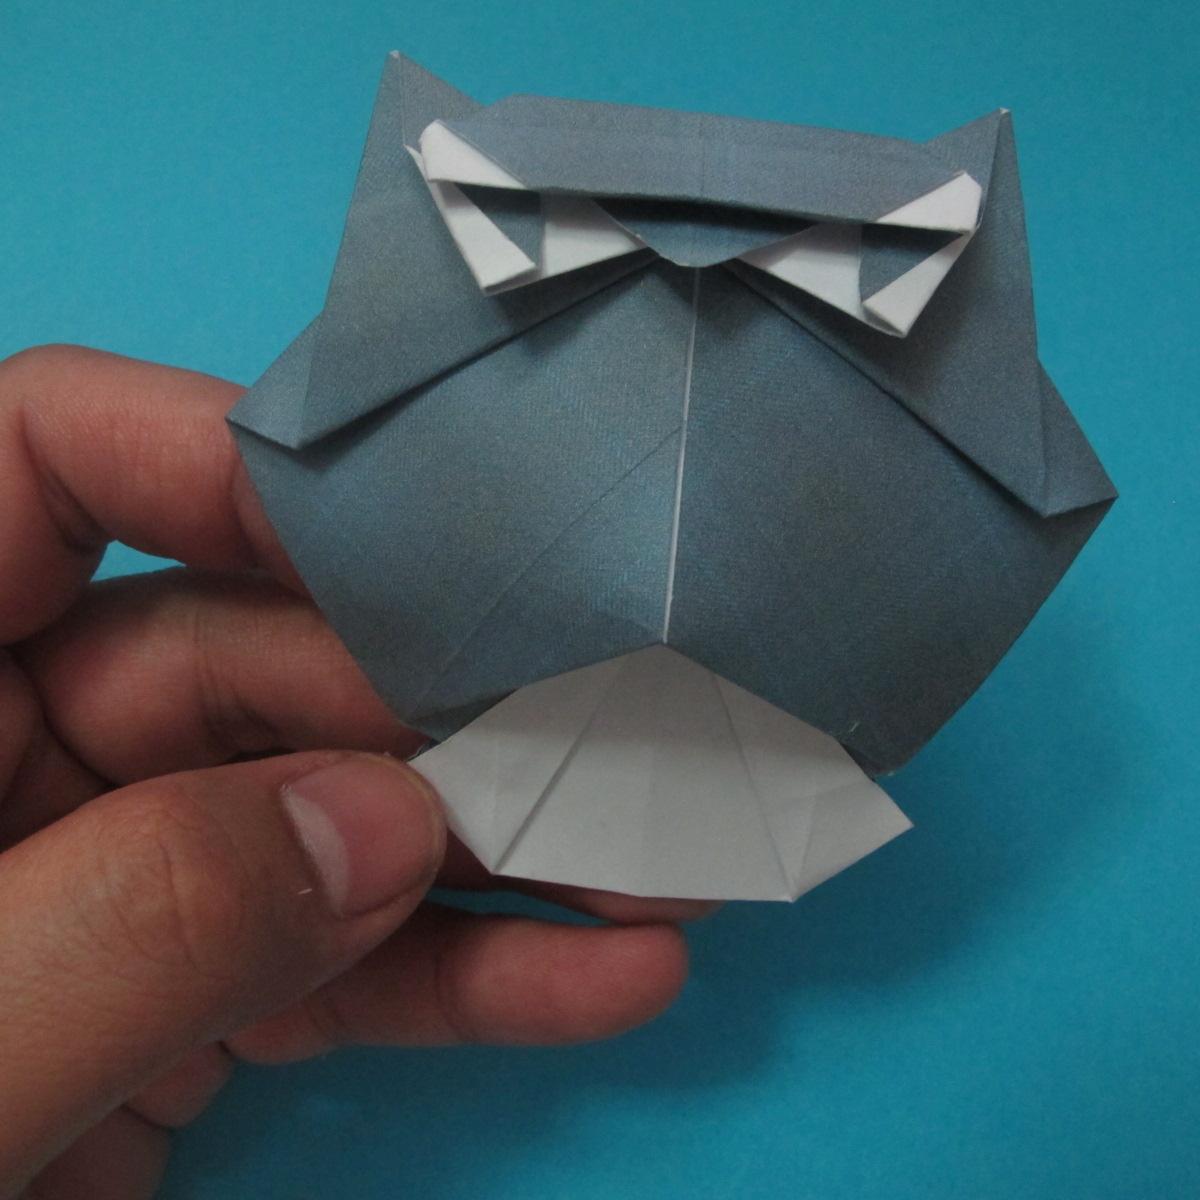 วิธีการพับกระดาษเป็นรูปนกเค้าแมว 037